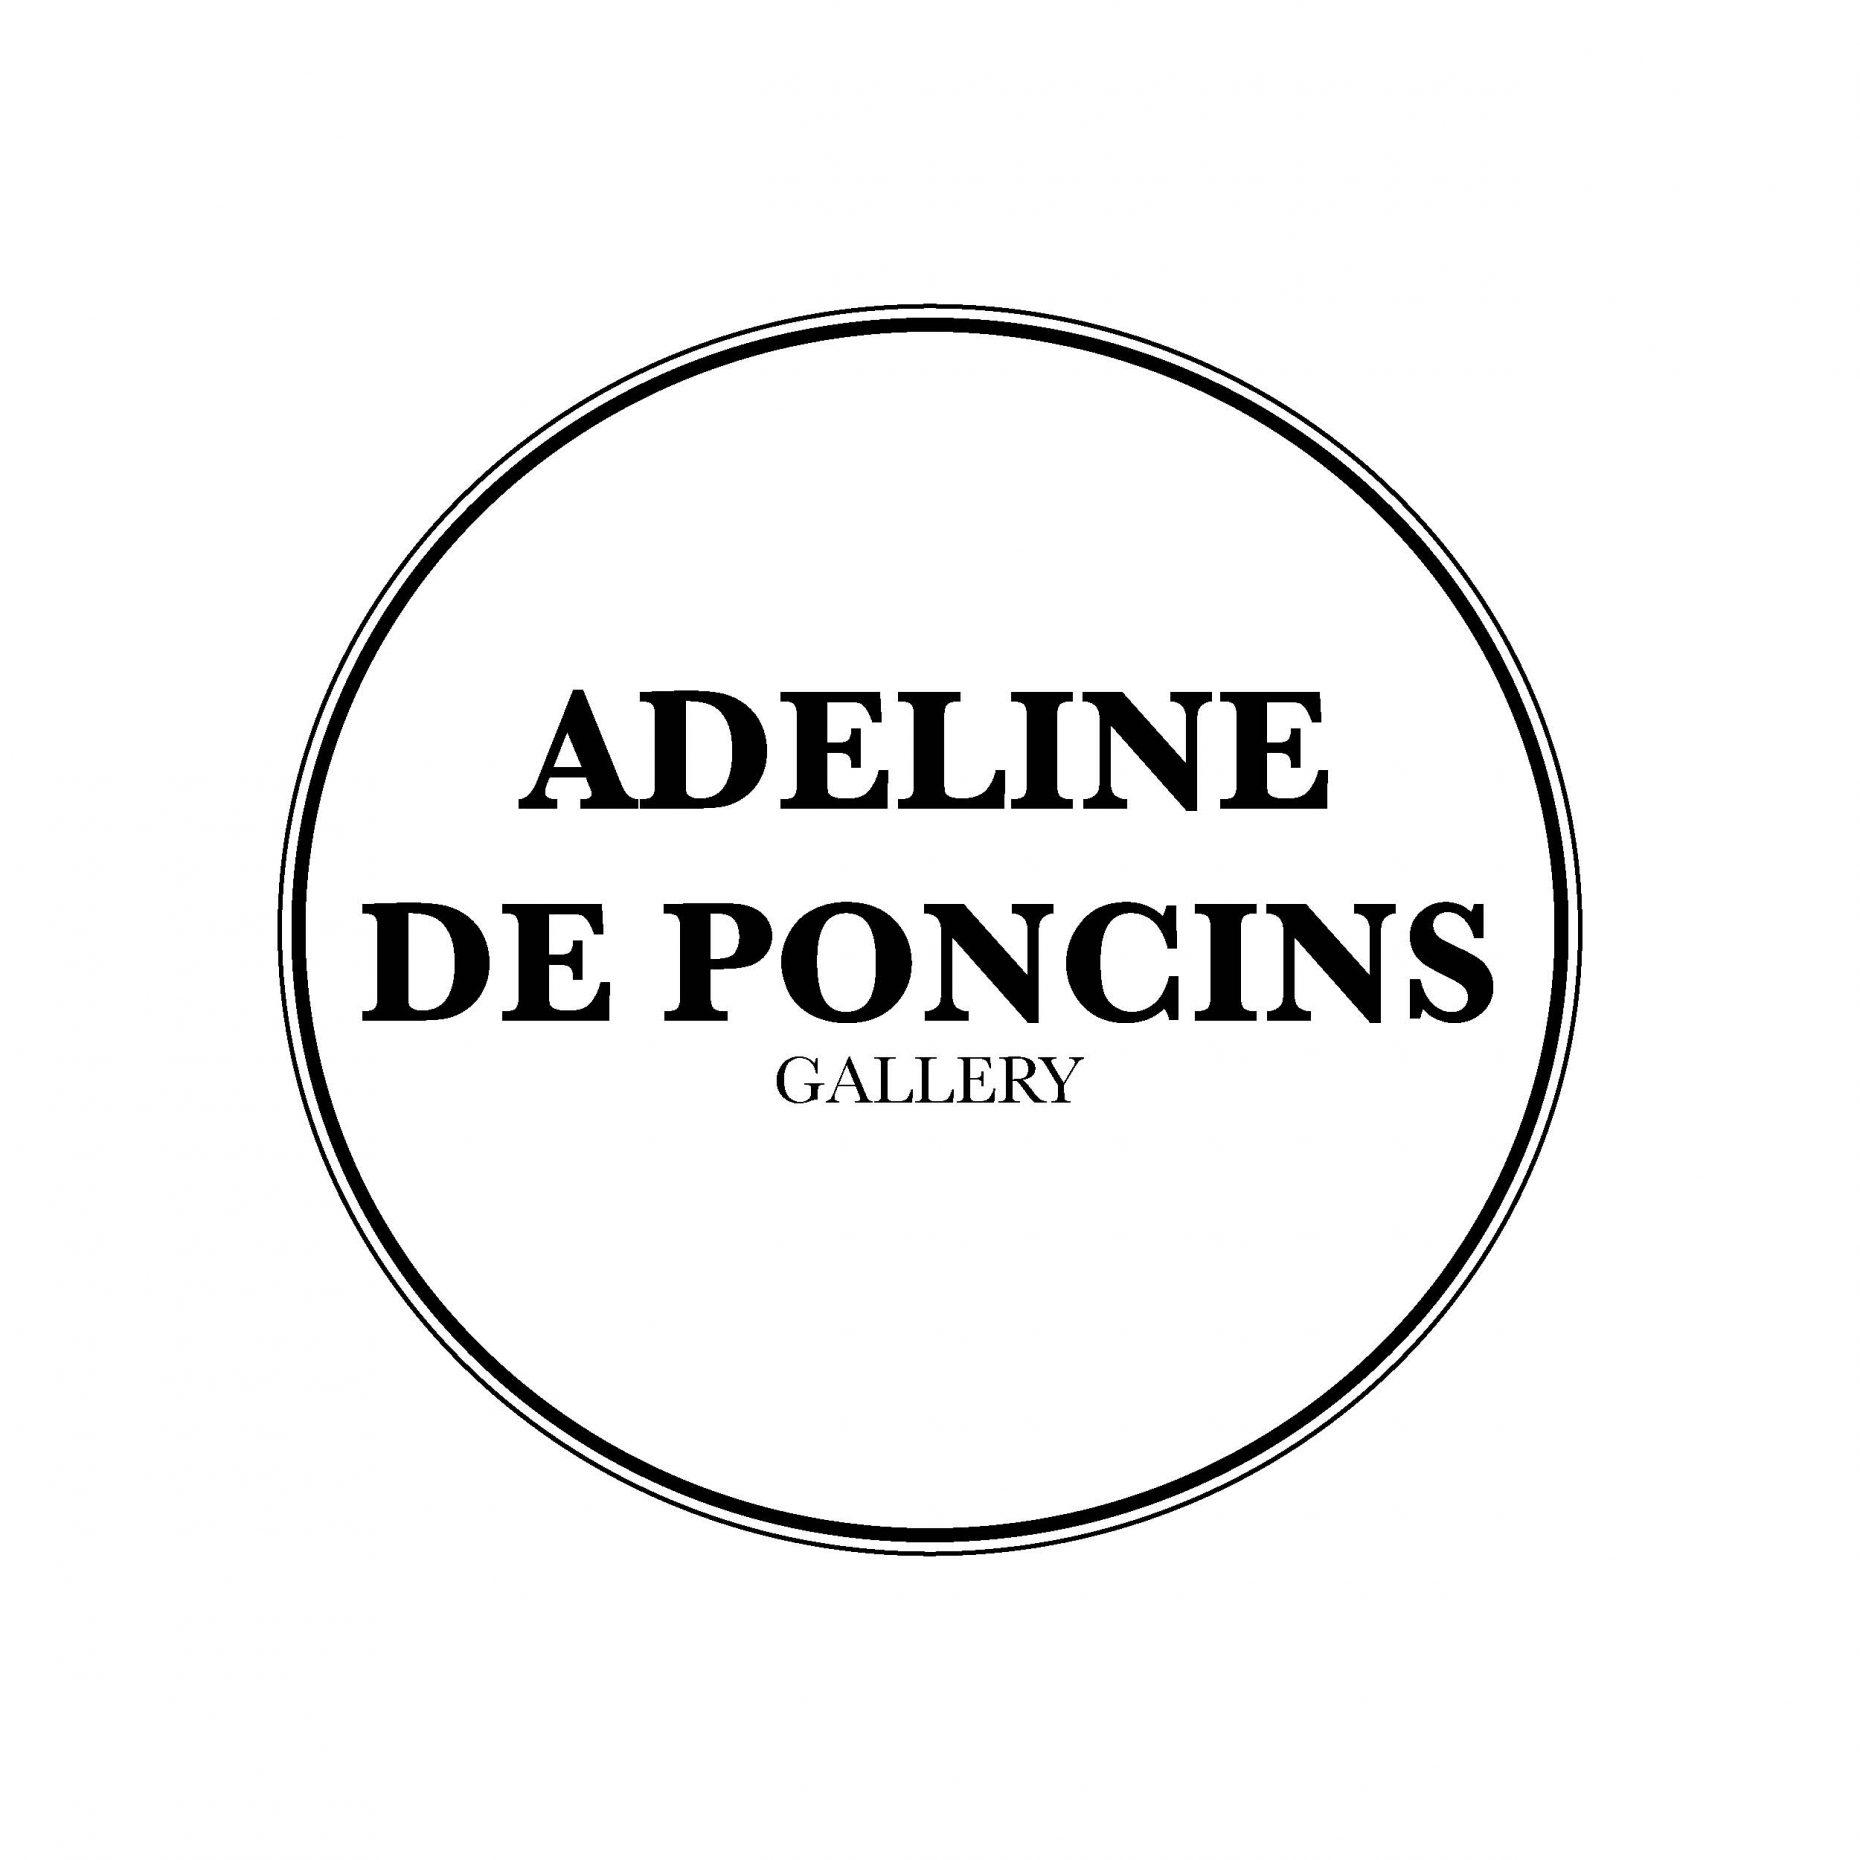 Adeline de Poncins Gallery